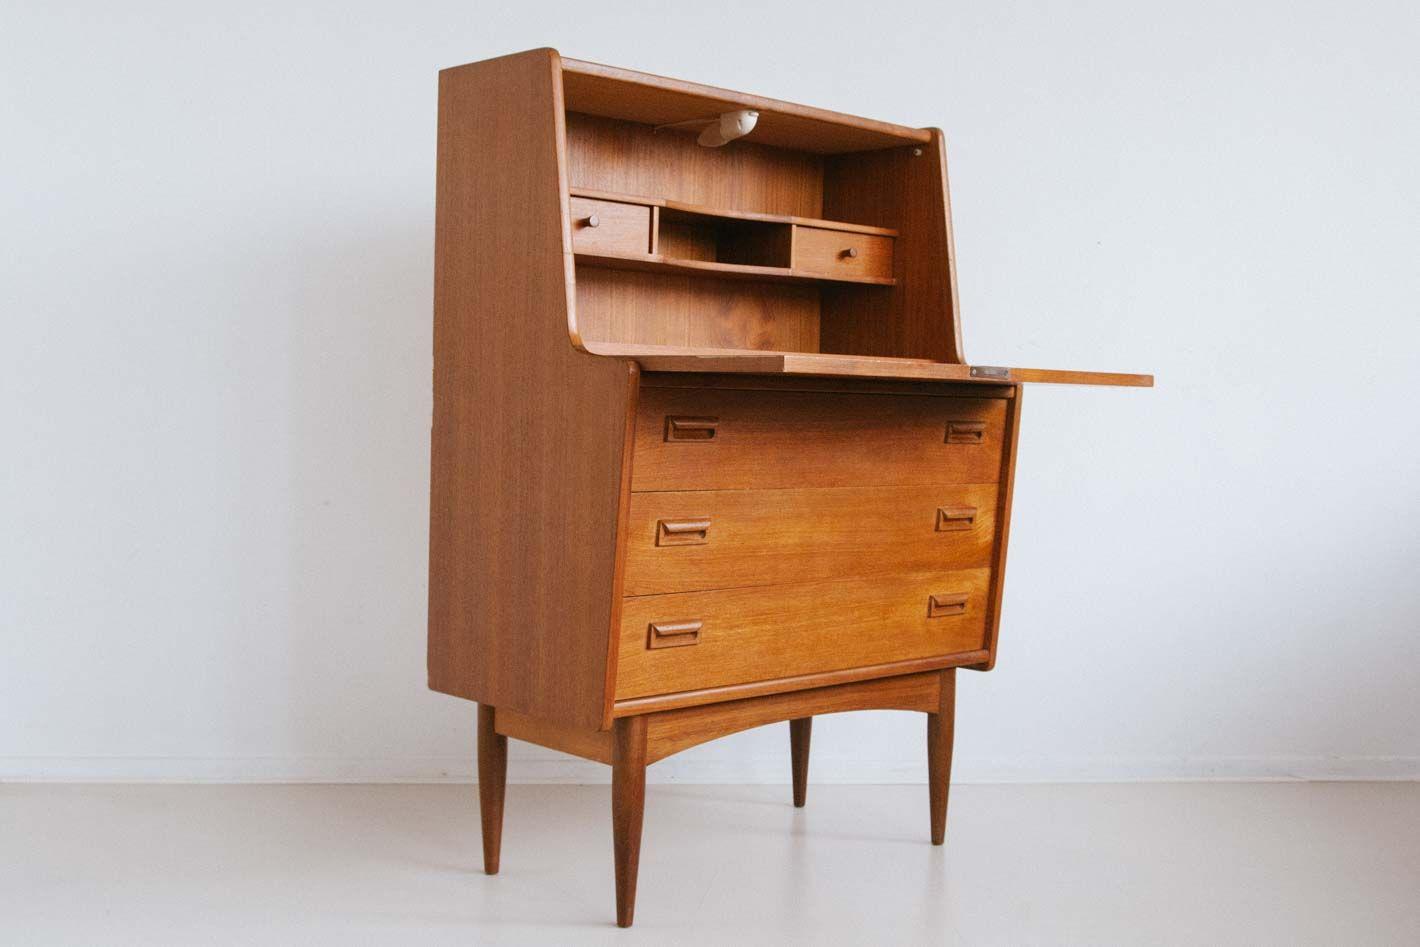 niederl ndischer vintage teak sekret r bei pamono kaufen. Black Bedroom Furniture Sets. Home Design Ideas